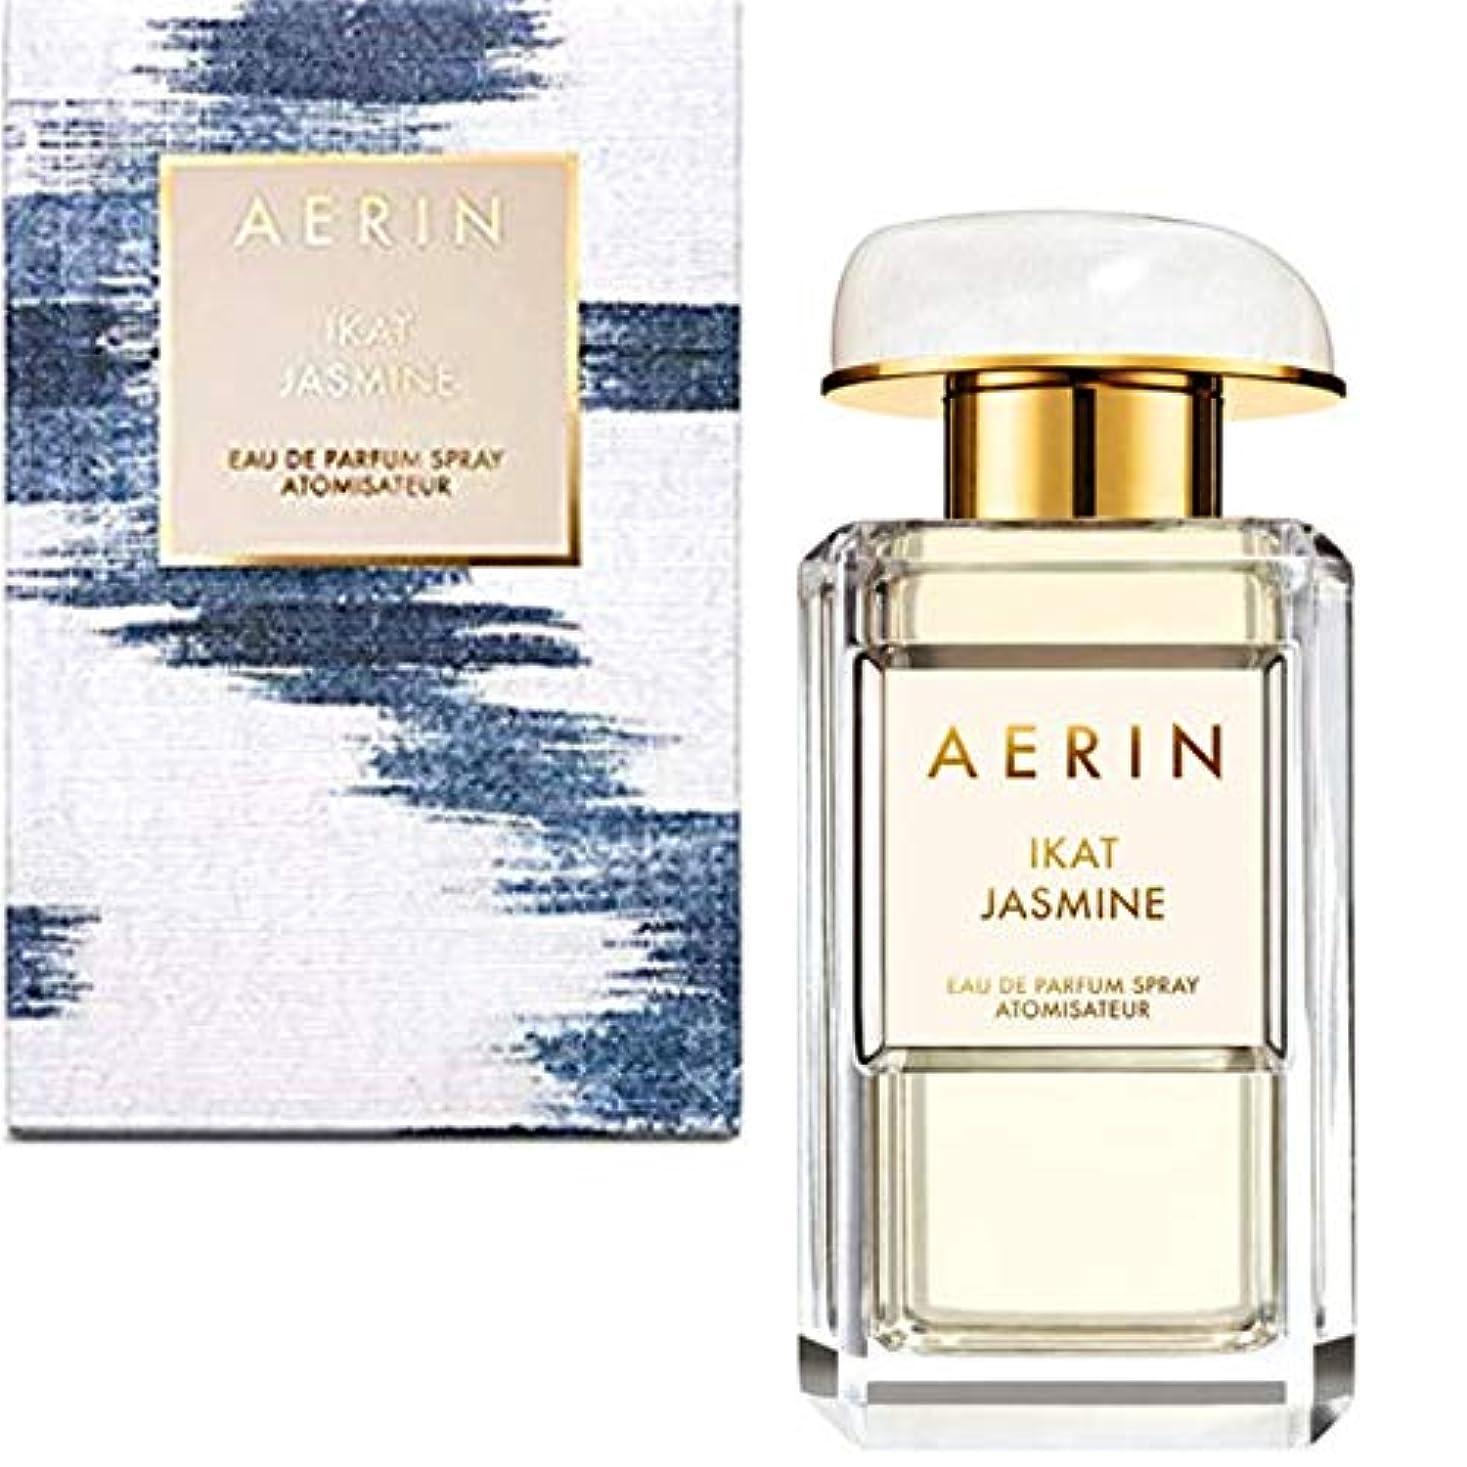 落ち着かない追放大統領AERIN 'Ikat Jasmine' (アエリン イカ ジャスミン) 1.7 oz (50ml) EDP Spray by Estee Lauder for Women [海外直送品] [並行輸入品]